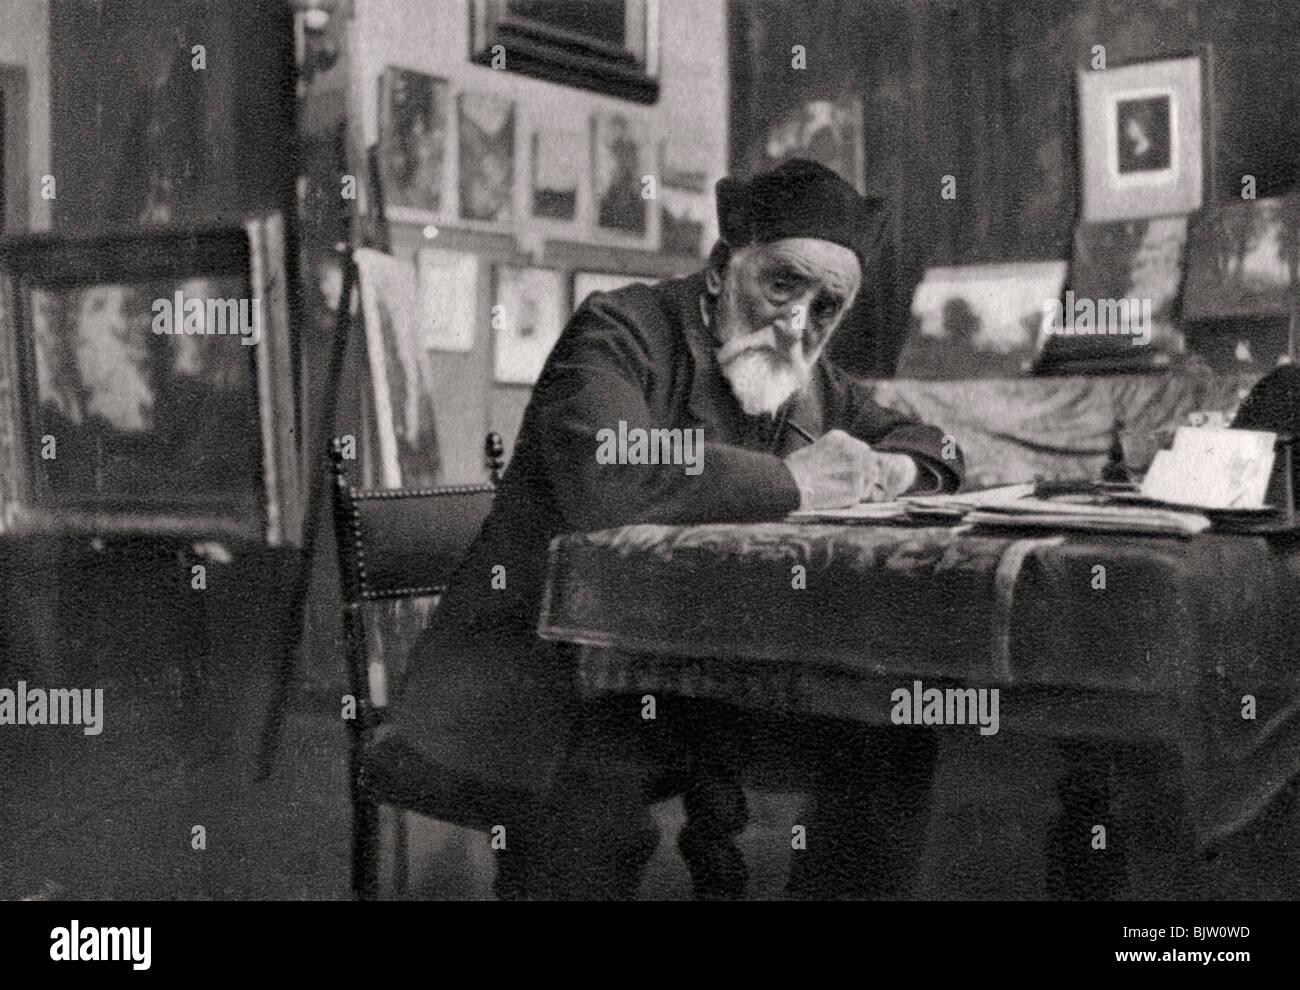 Henri-Joseph Harpignies, French artist, 1905. - Stock Image